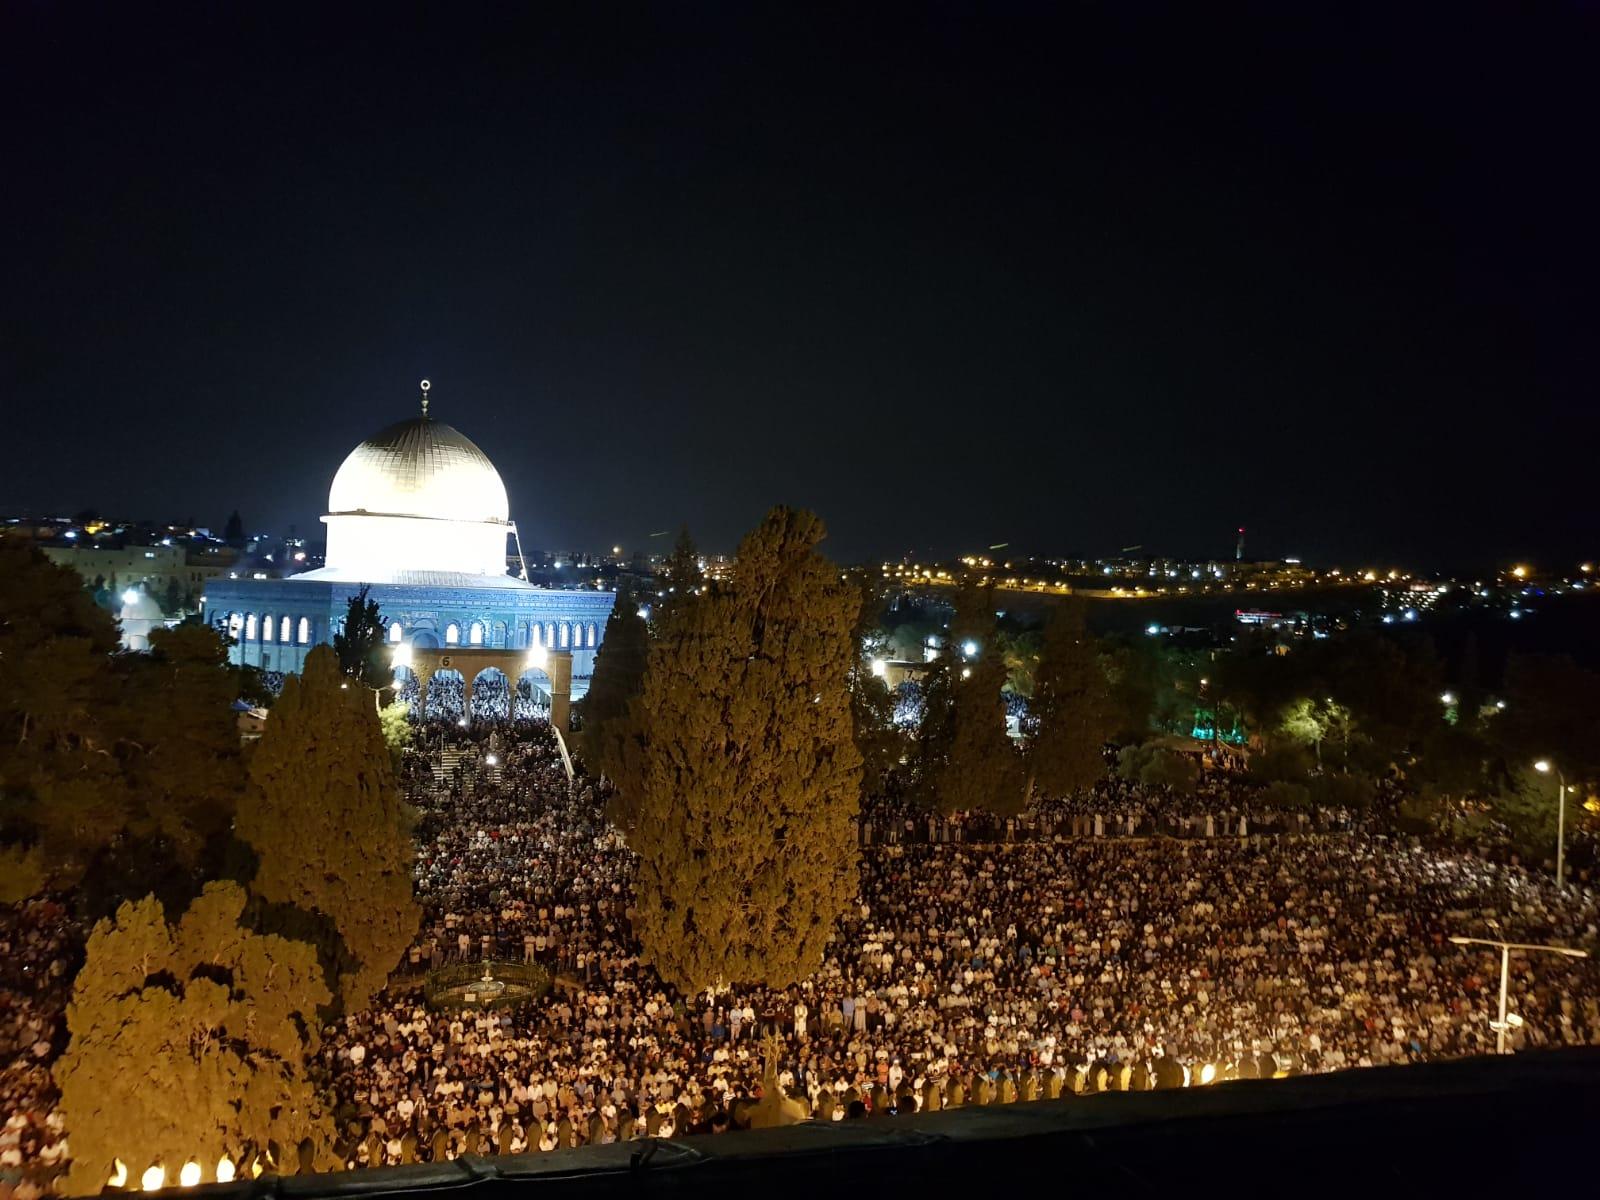 فيديو- 350 ألف مصل يحيون ليلة القدر في الاقصى